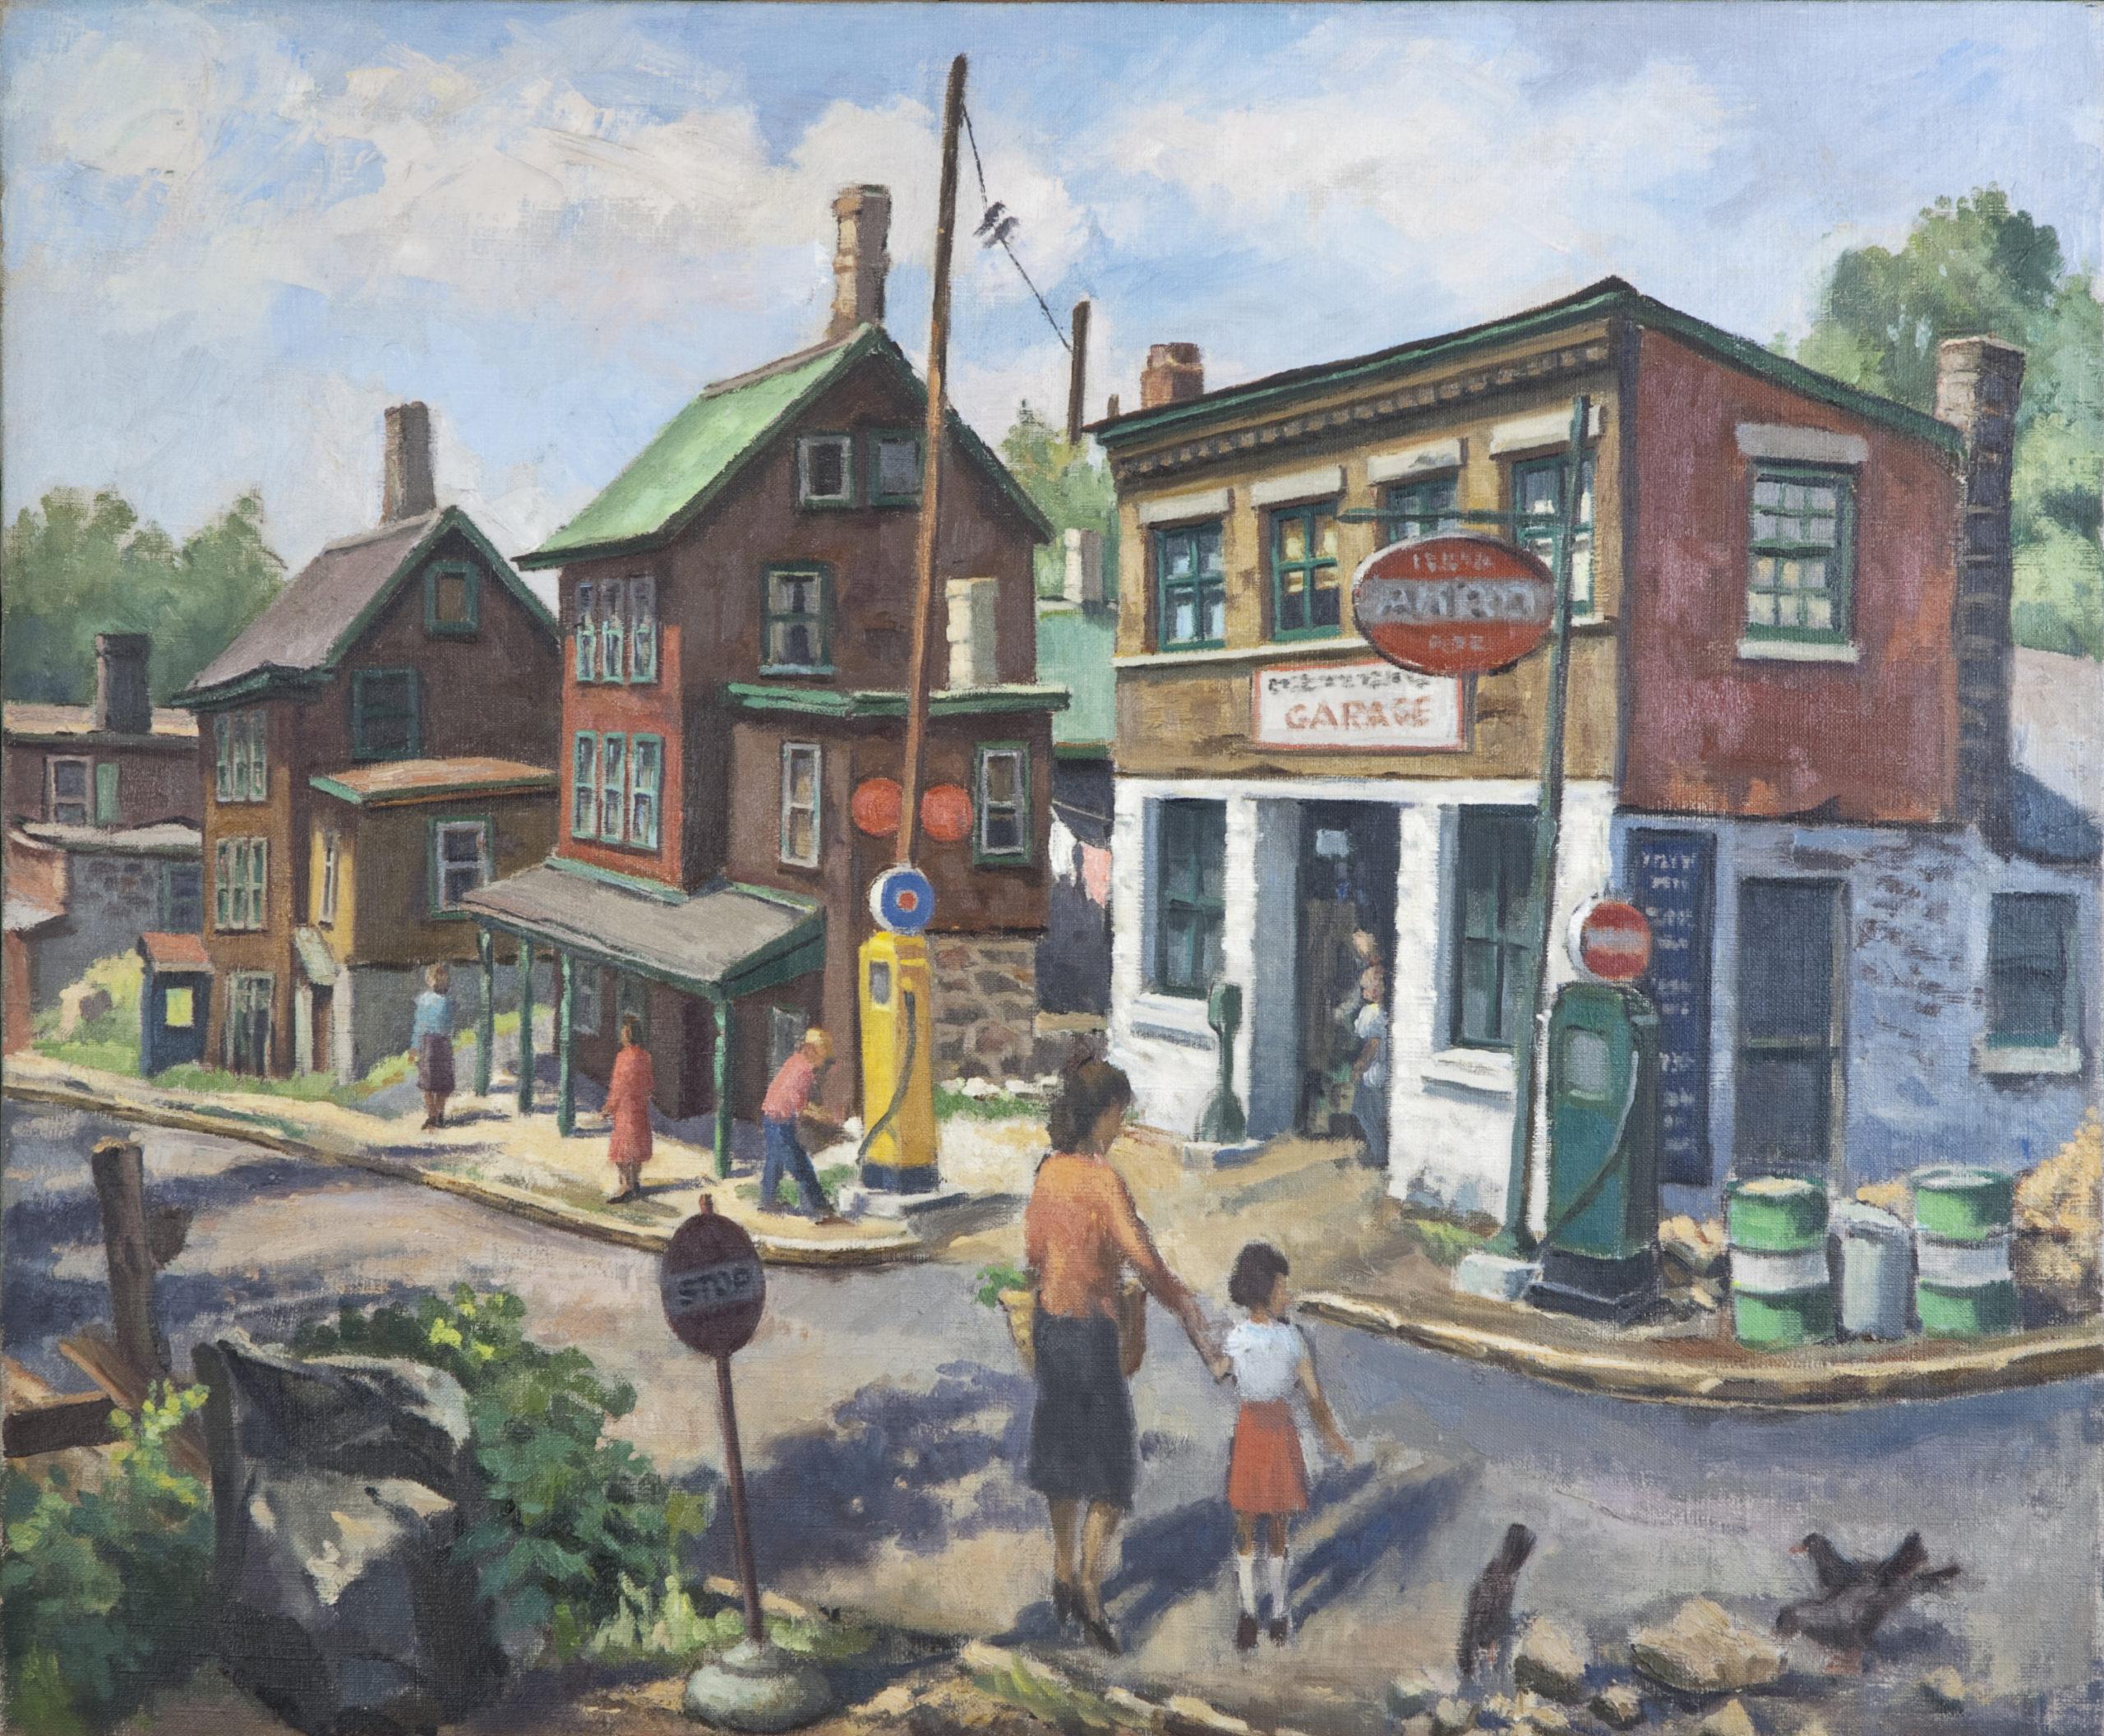 056 Garage 1960s - Oil on Canvas - 24 x 20 - No Frame